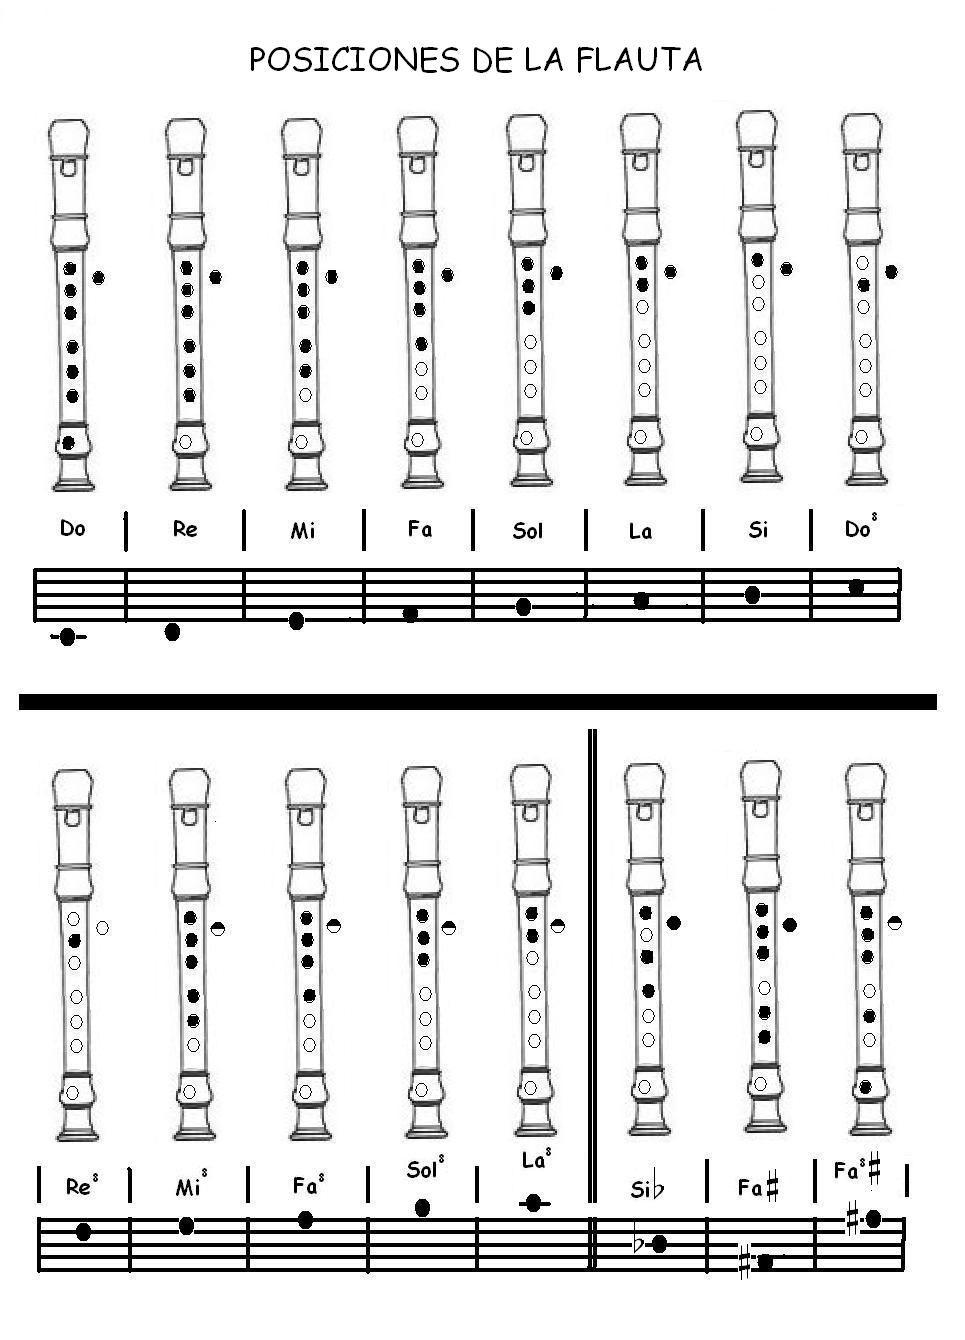 Posiciones De Las Notas En La Flauta Dulce Posiciones Más Sencillas Notas Aguadas Y Alteraciones Frecuent Musica Folklorica Canciones Flauta Fichas De Música